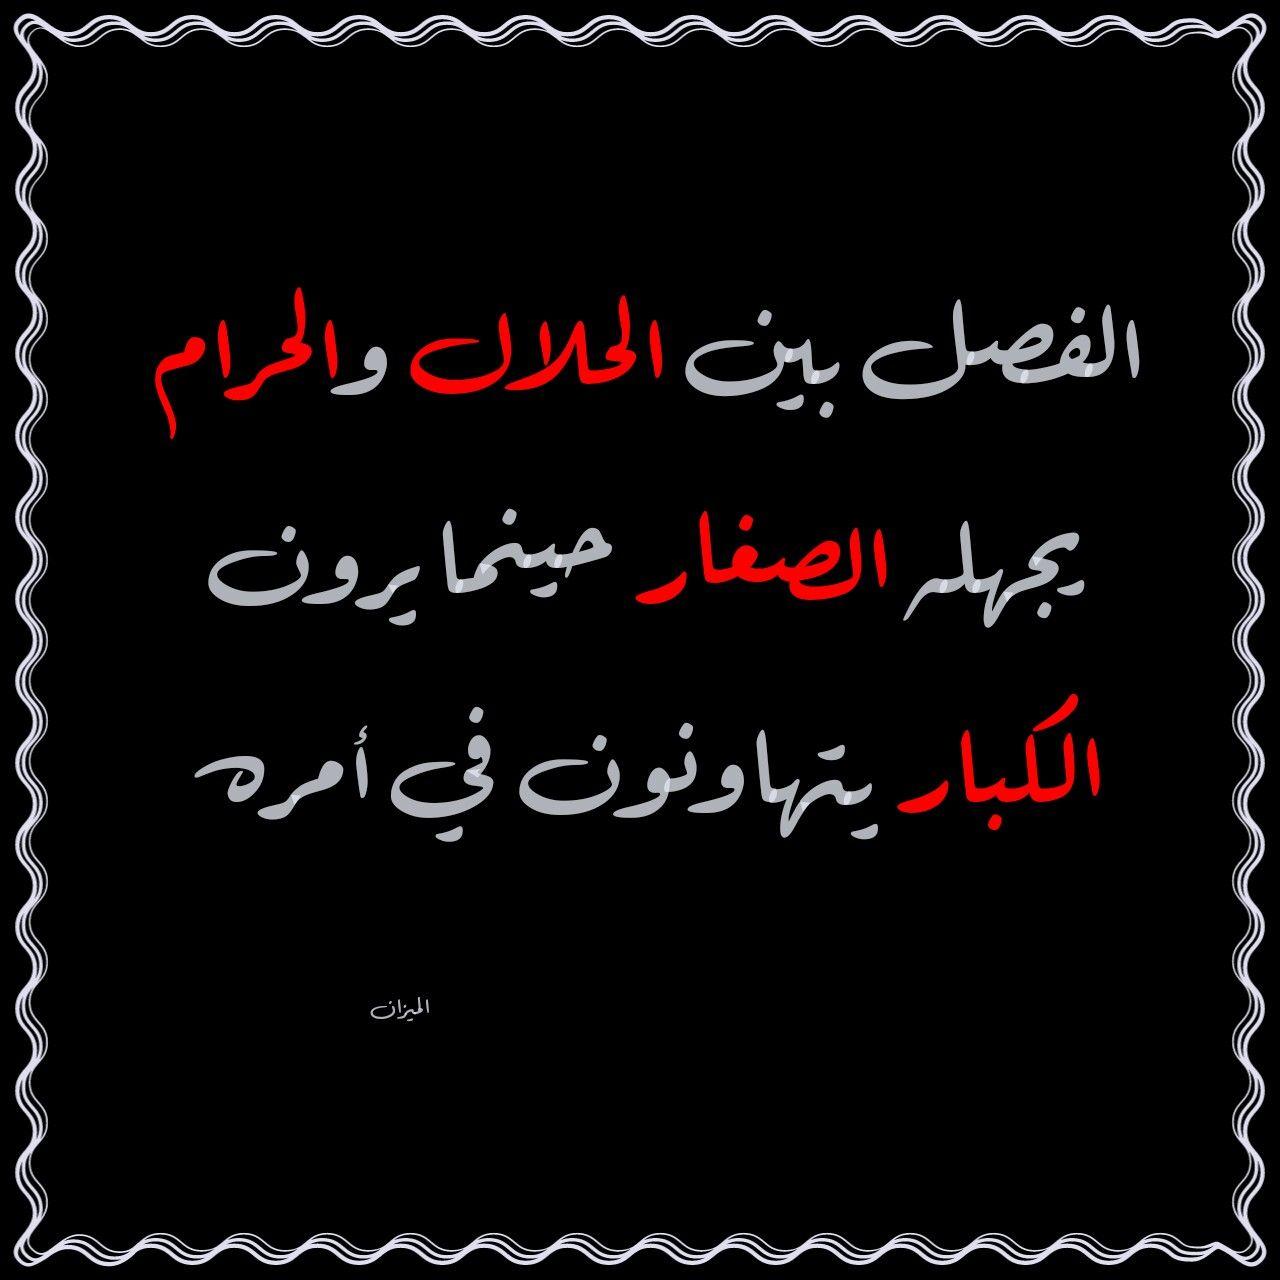 الفصل بين الحلال والحرام يجهله الصغار حينما يرون الكبار يتهاونون في أمره Quotations Arabic Calligraphy